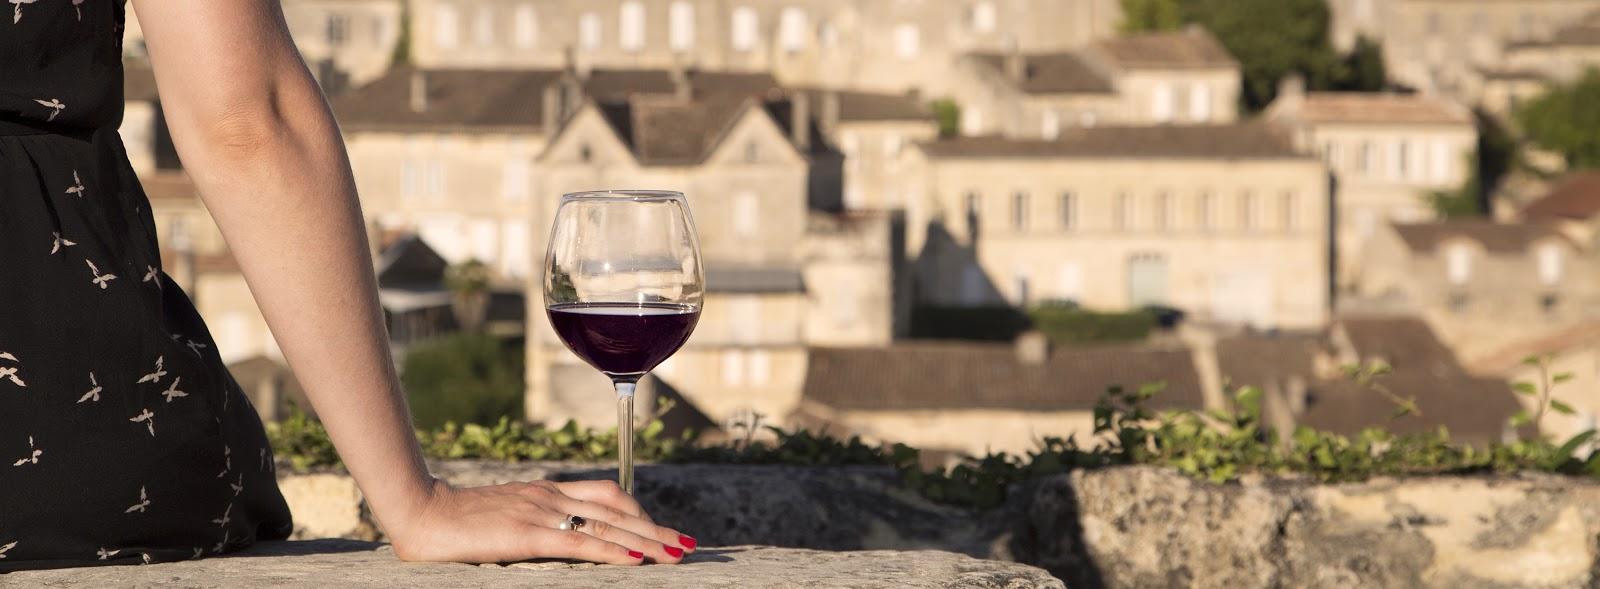 The wines of St-Émilion